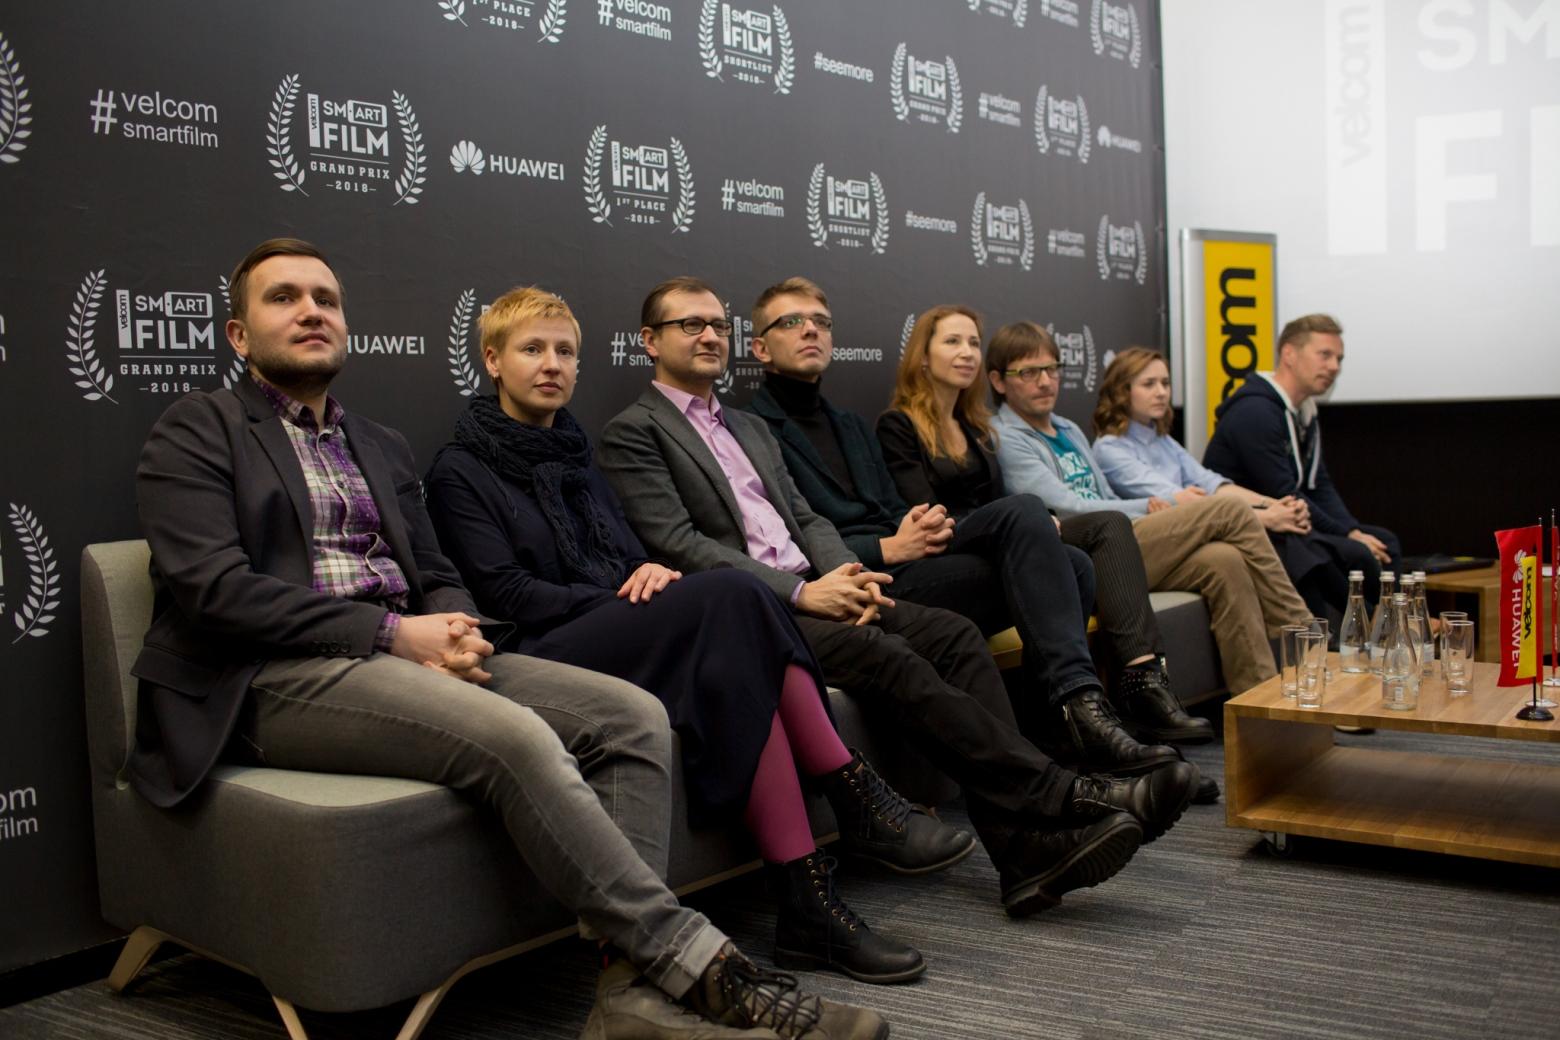 velcom Smartfilm жюри конкурса